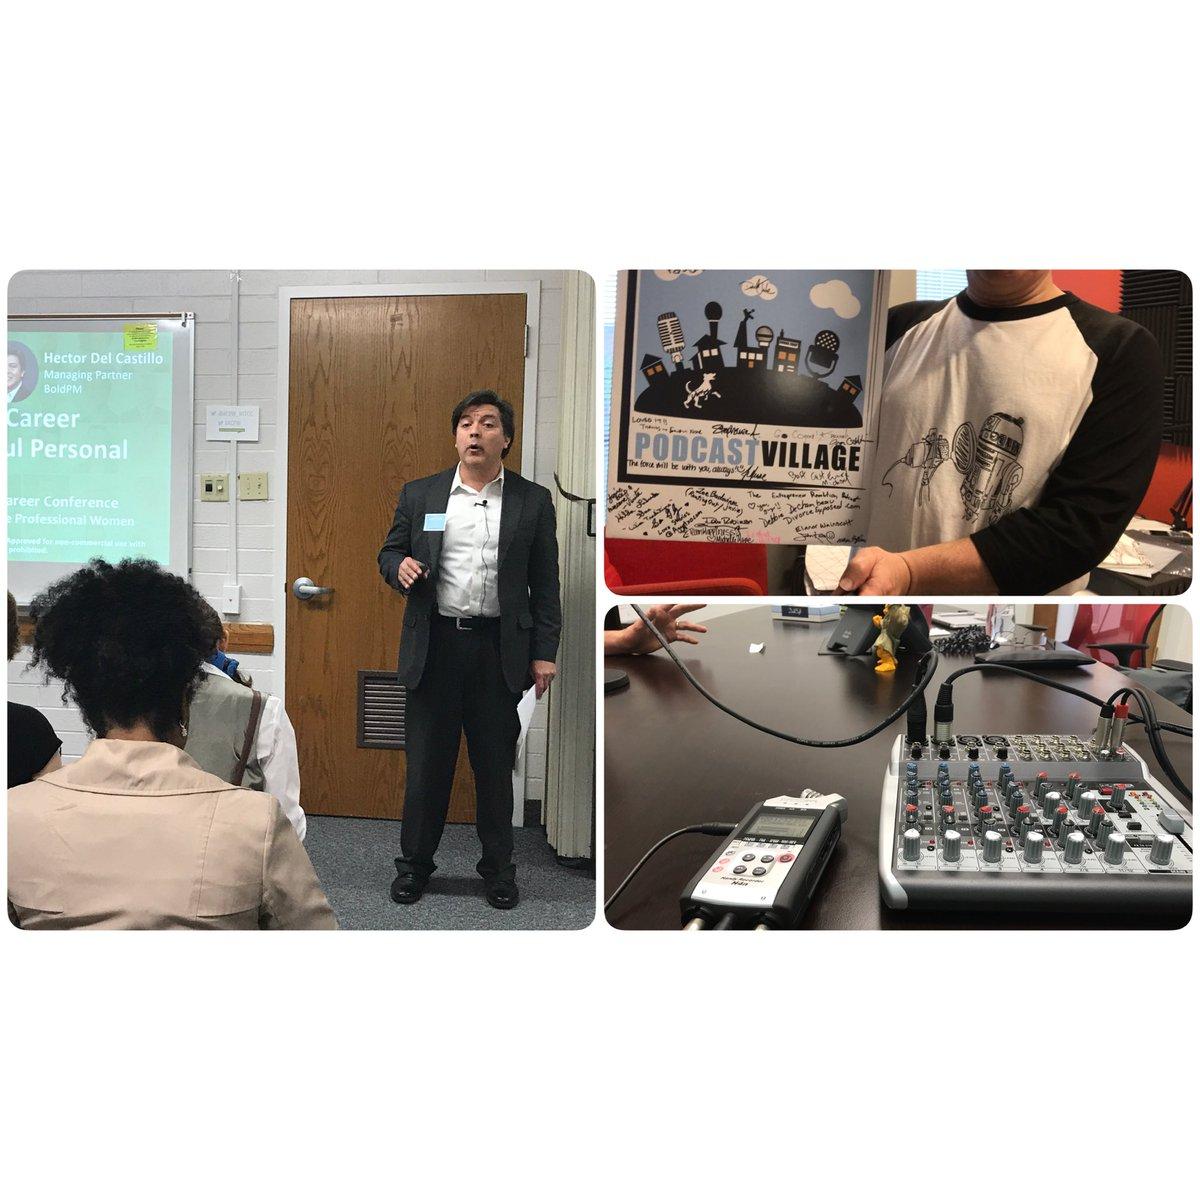 The great @hmdelcastillo speaking at the #ACPWConf on #PersonalBranding - &amp; a few studio shots!... #rebeltalk #behringer #zoom #r2d2<br>http://pic.twitter.com/AArkJt94Tt &ndash; à The Church of Jesus Christ of Latter-day Saints